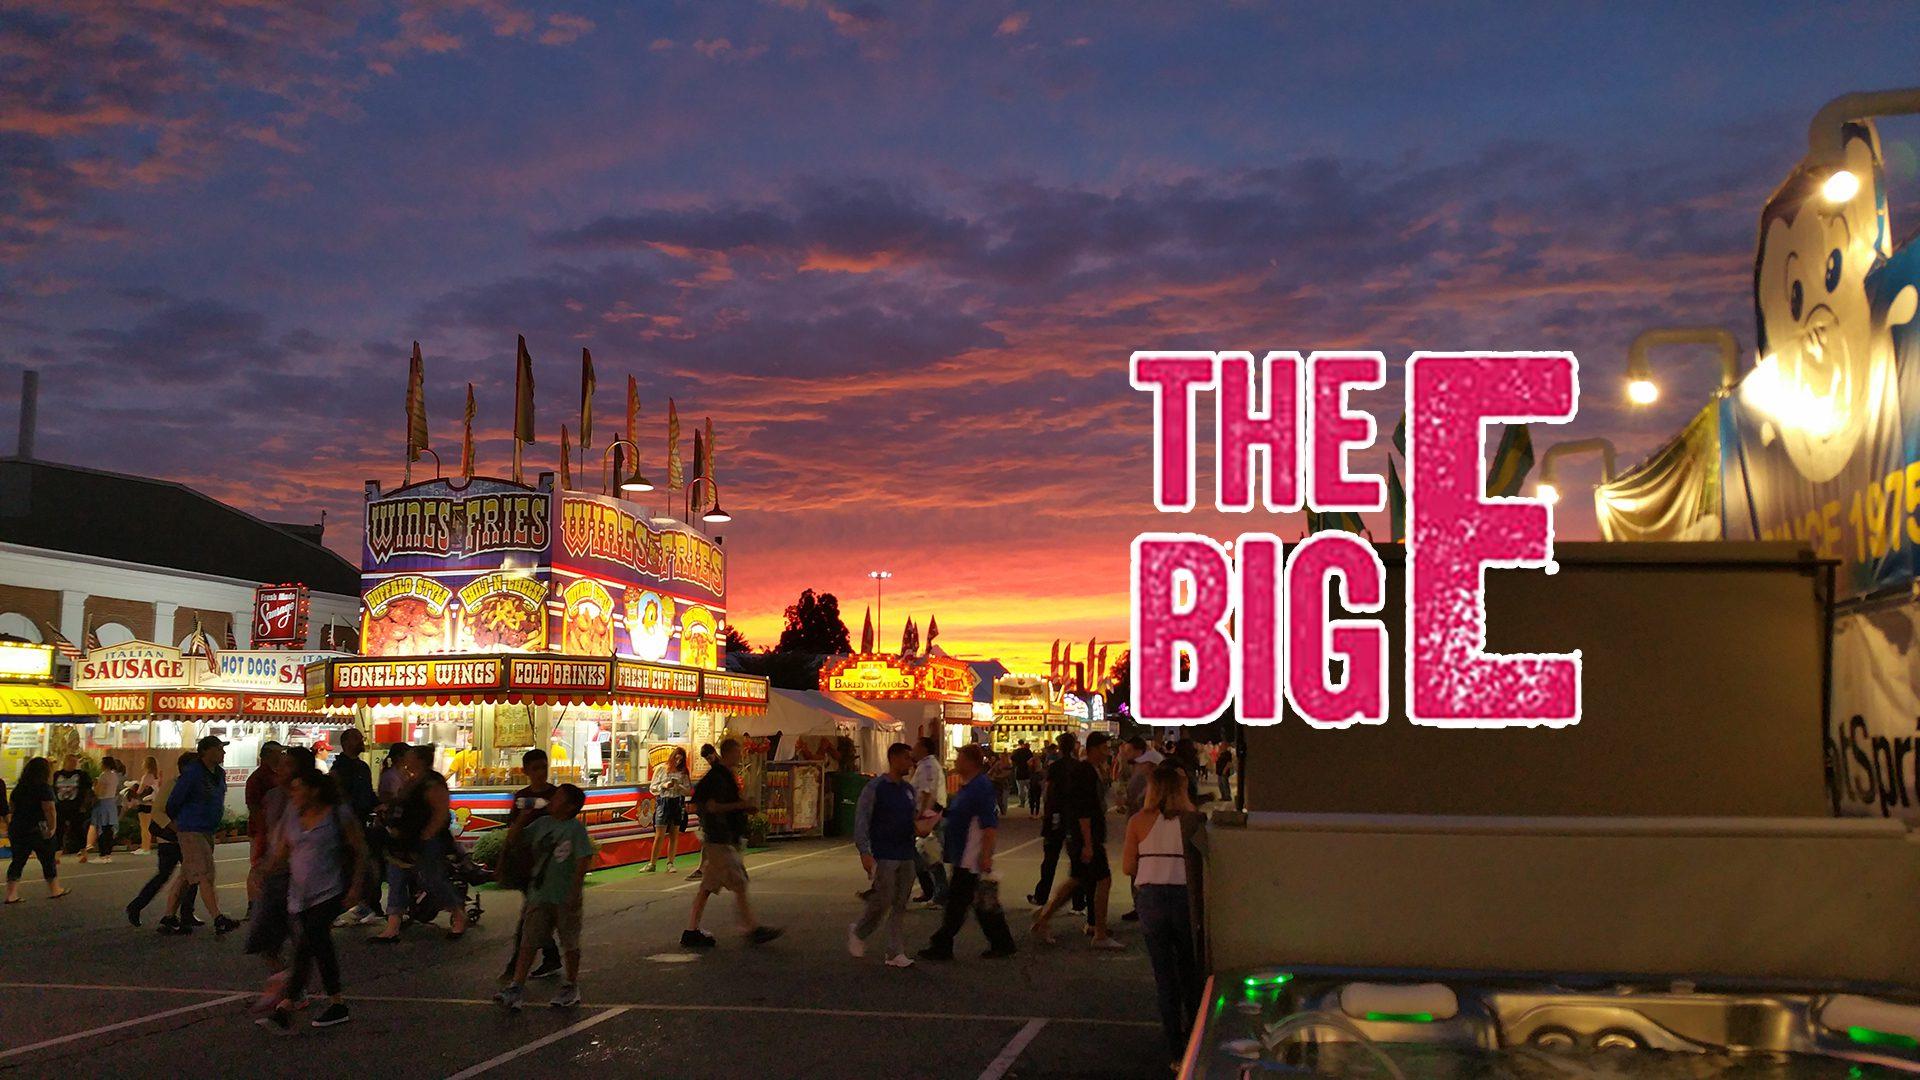 Big E 2018